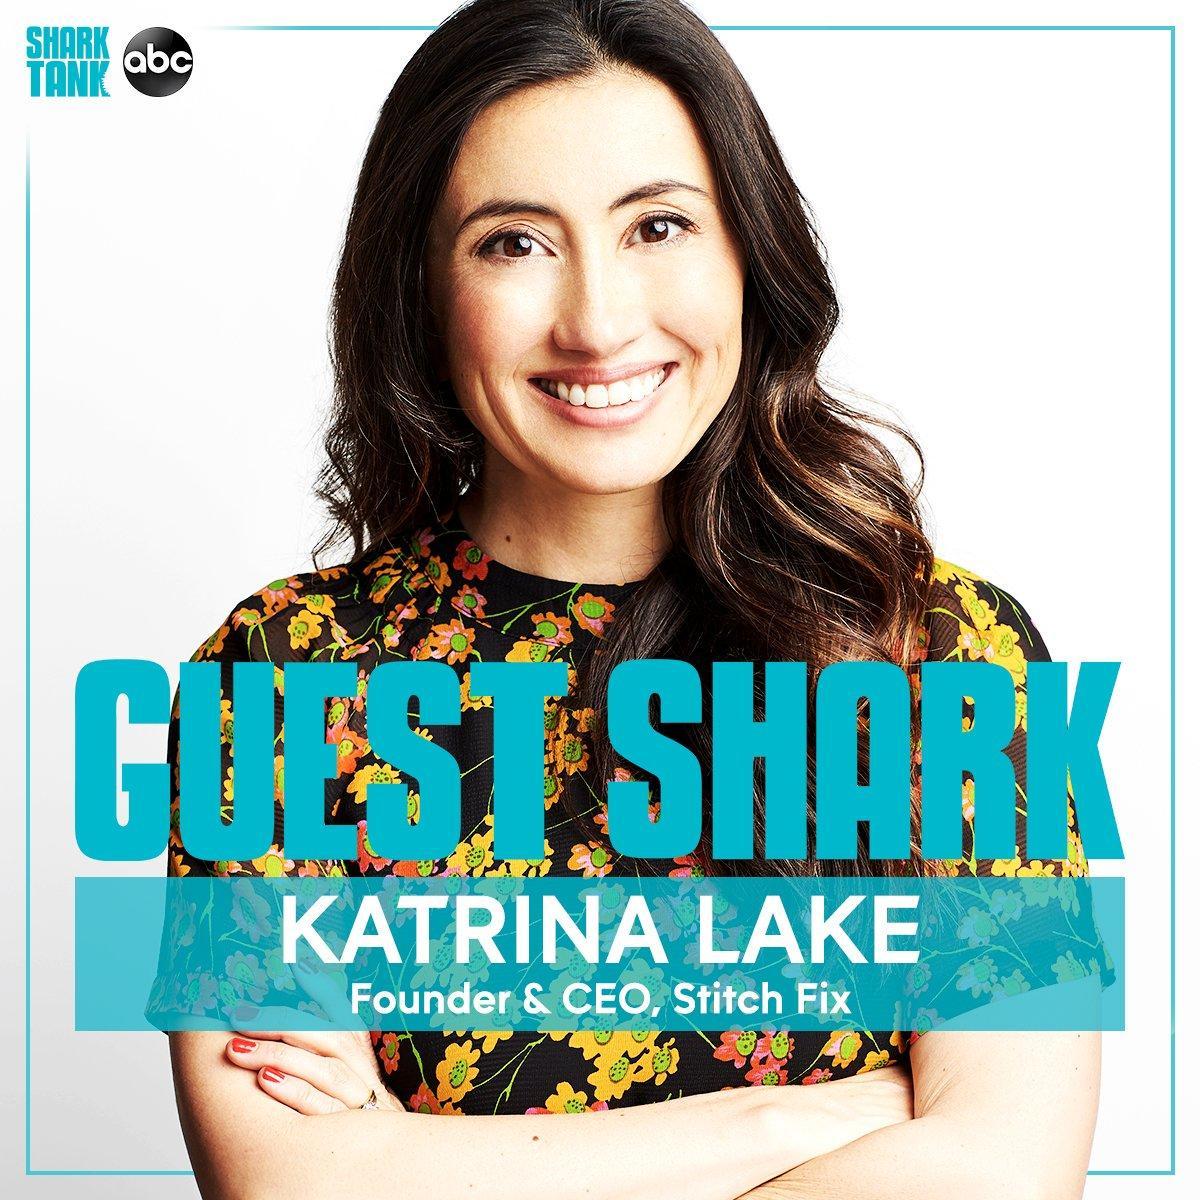 katrina-lake-shark-tank